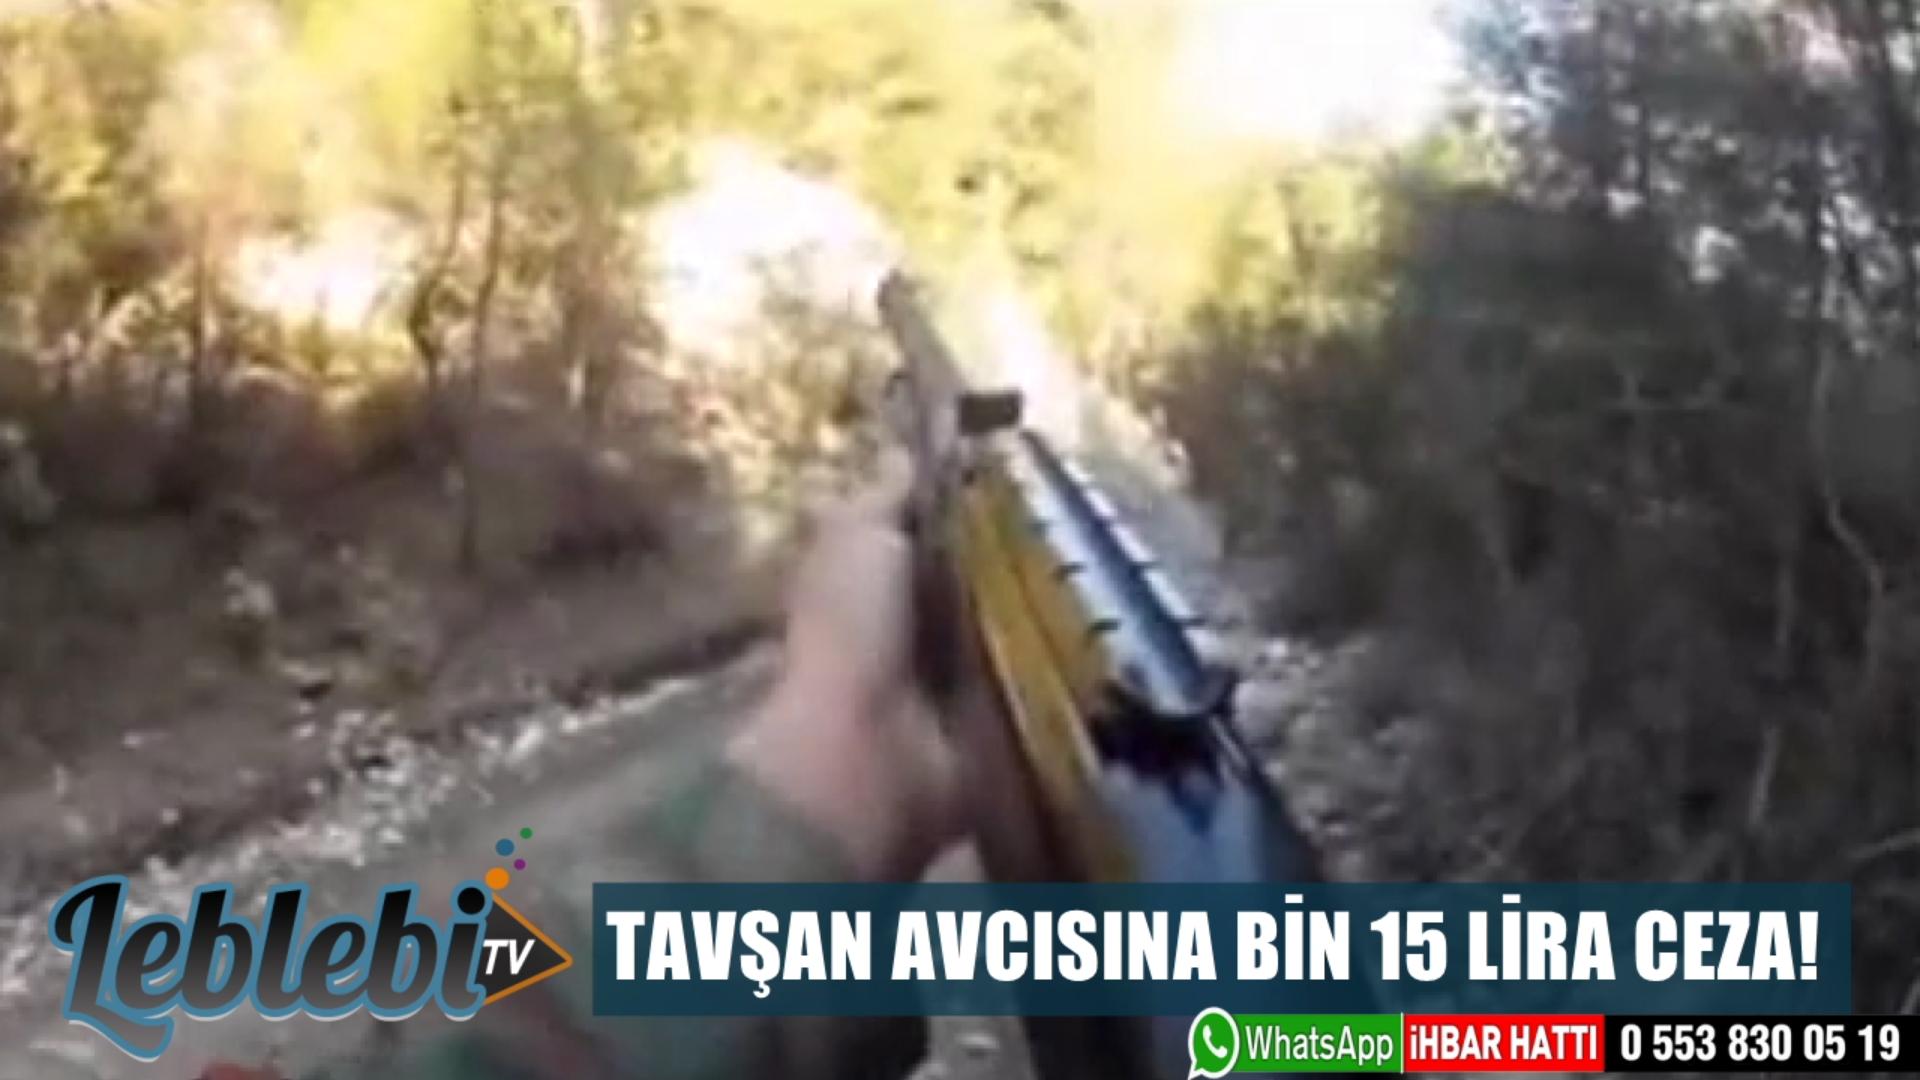 TAVŞAN AVCISINA BİN 15 LİRA CEZA!